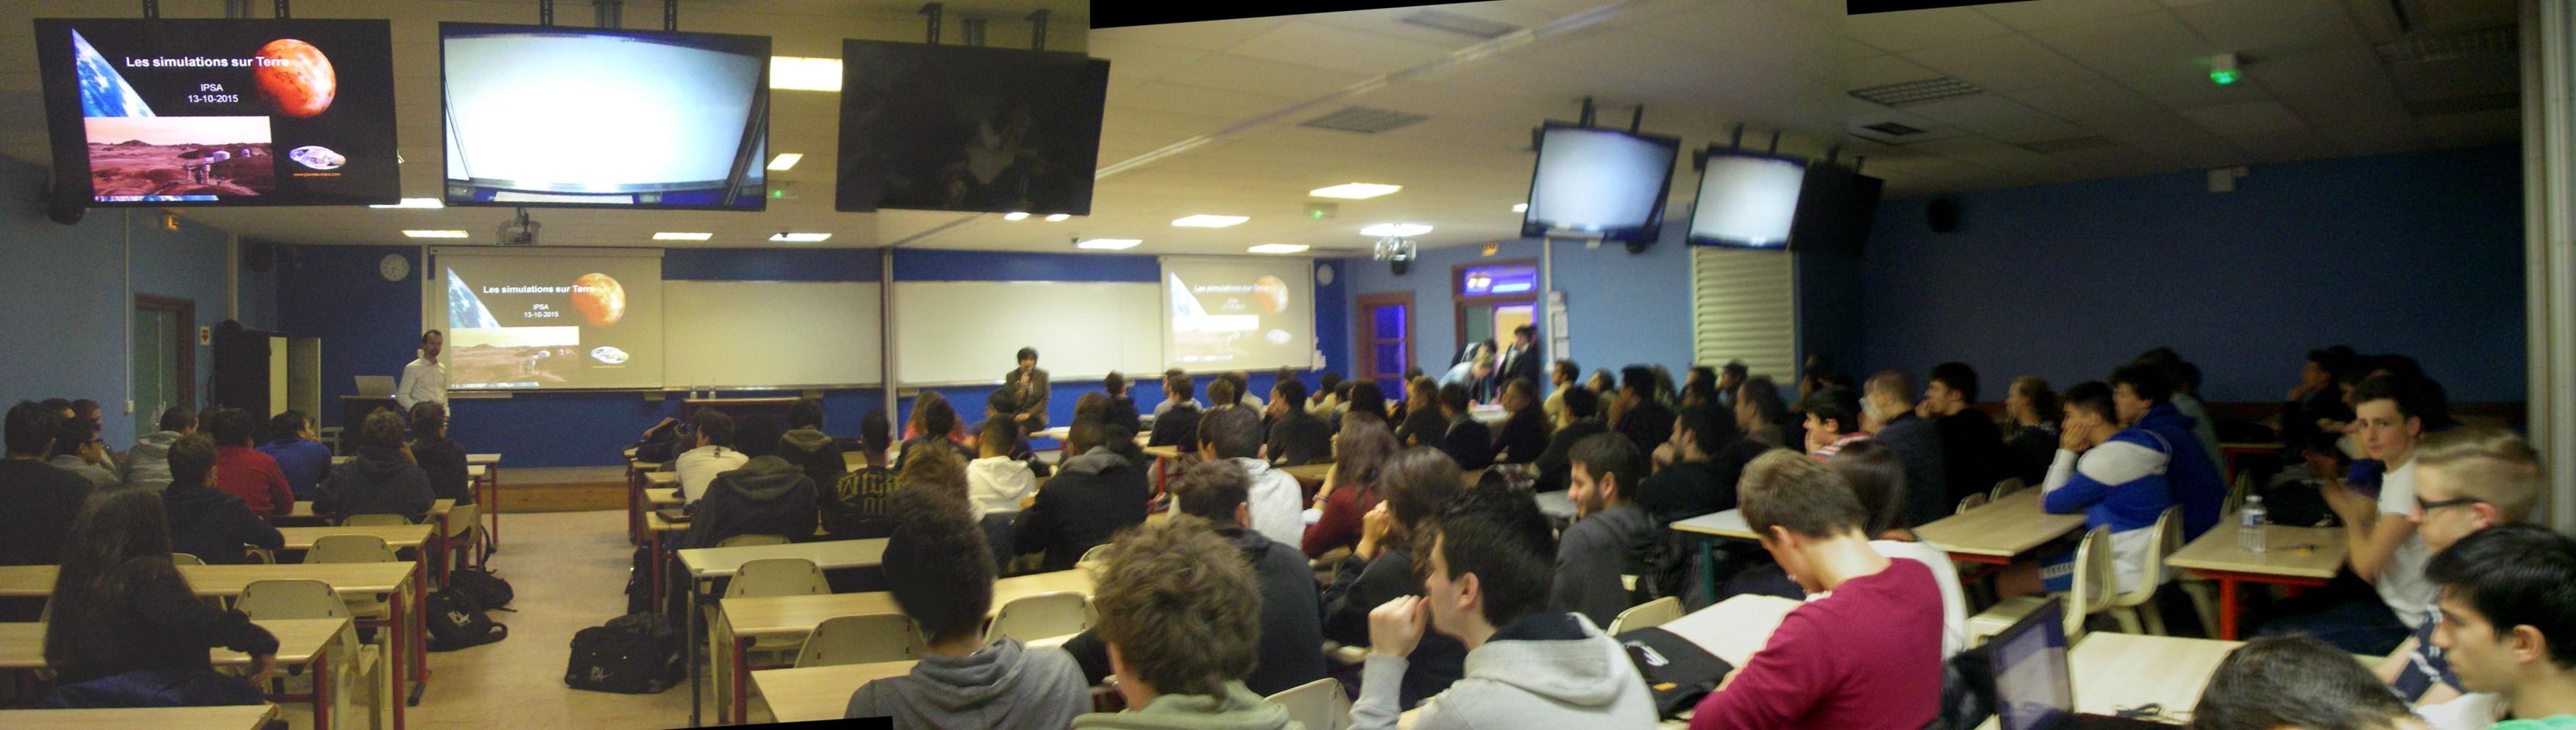 15 10 13 - 18h 35m 32s - Conférence IPSA sur les simulations_stitch